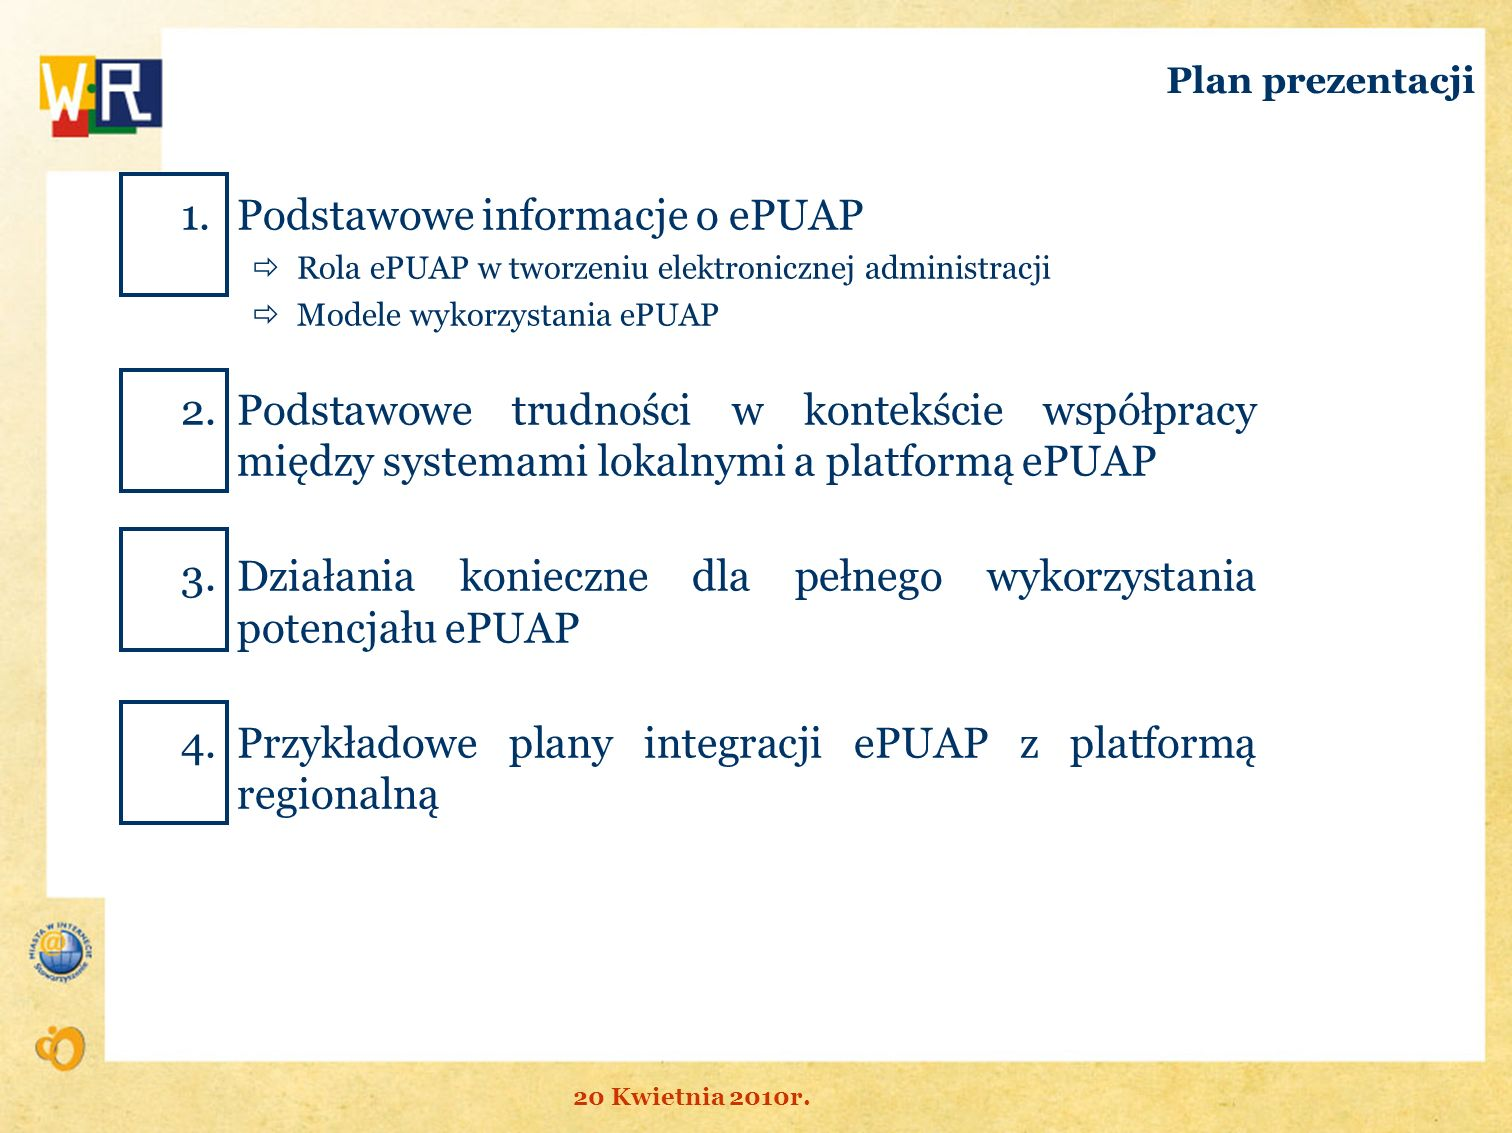 Podstawowe informacje o ePUAP